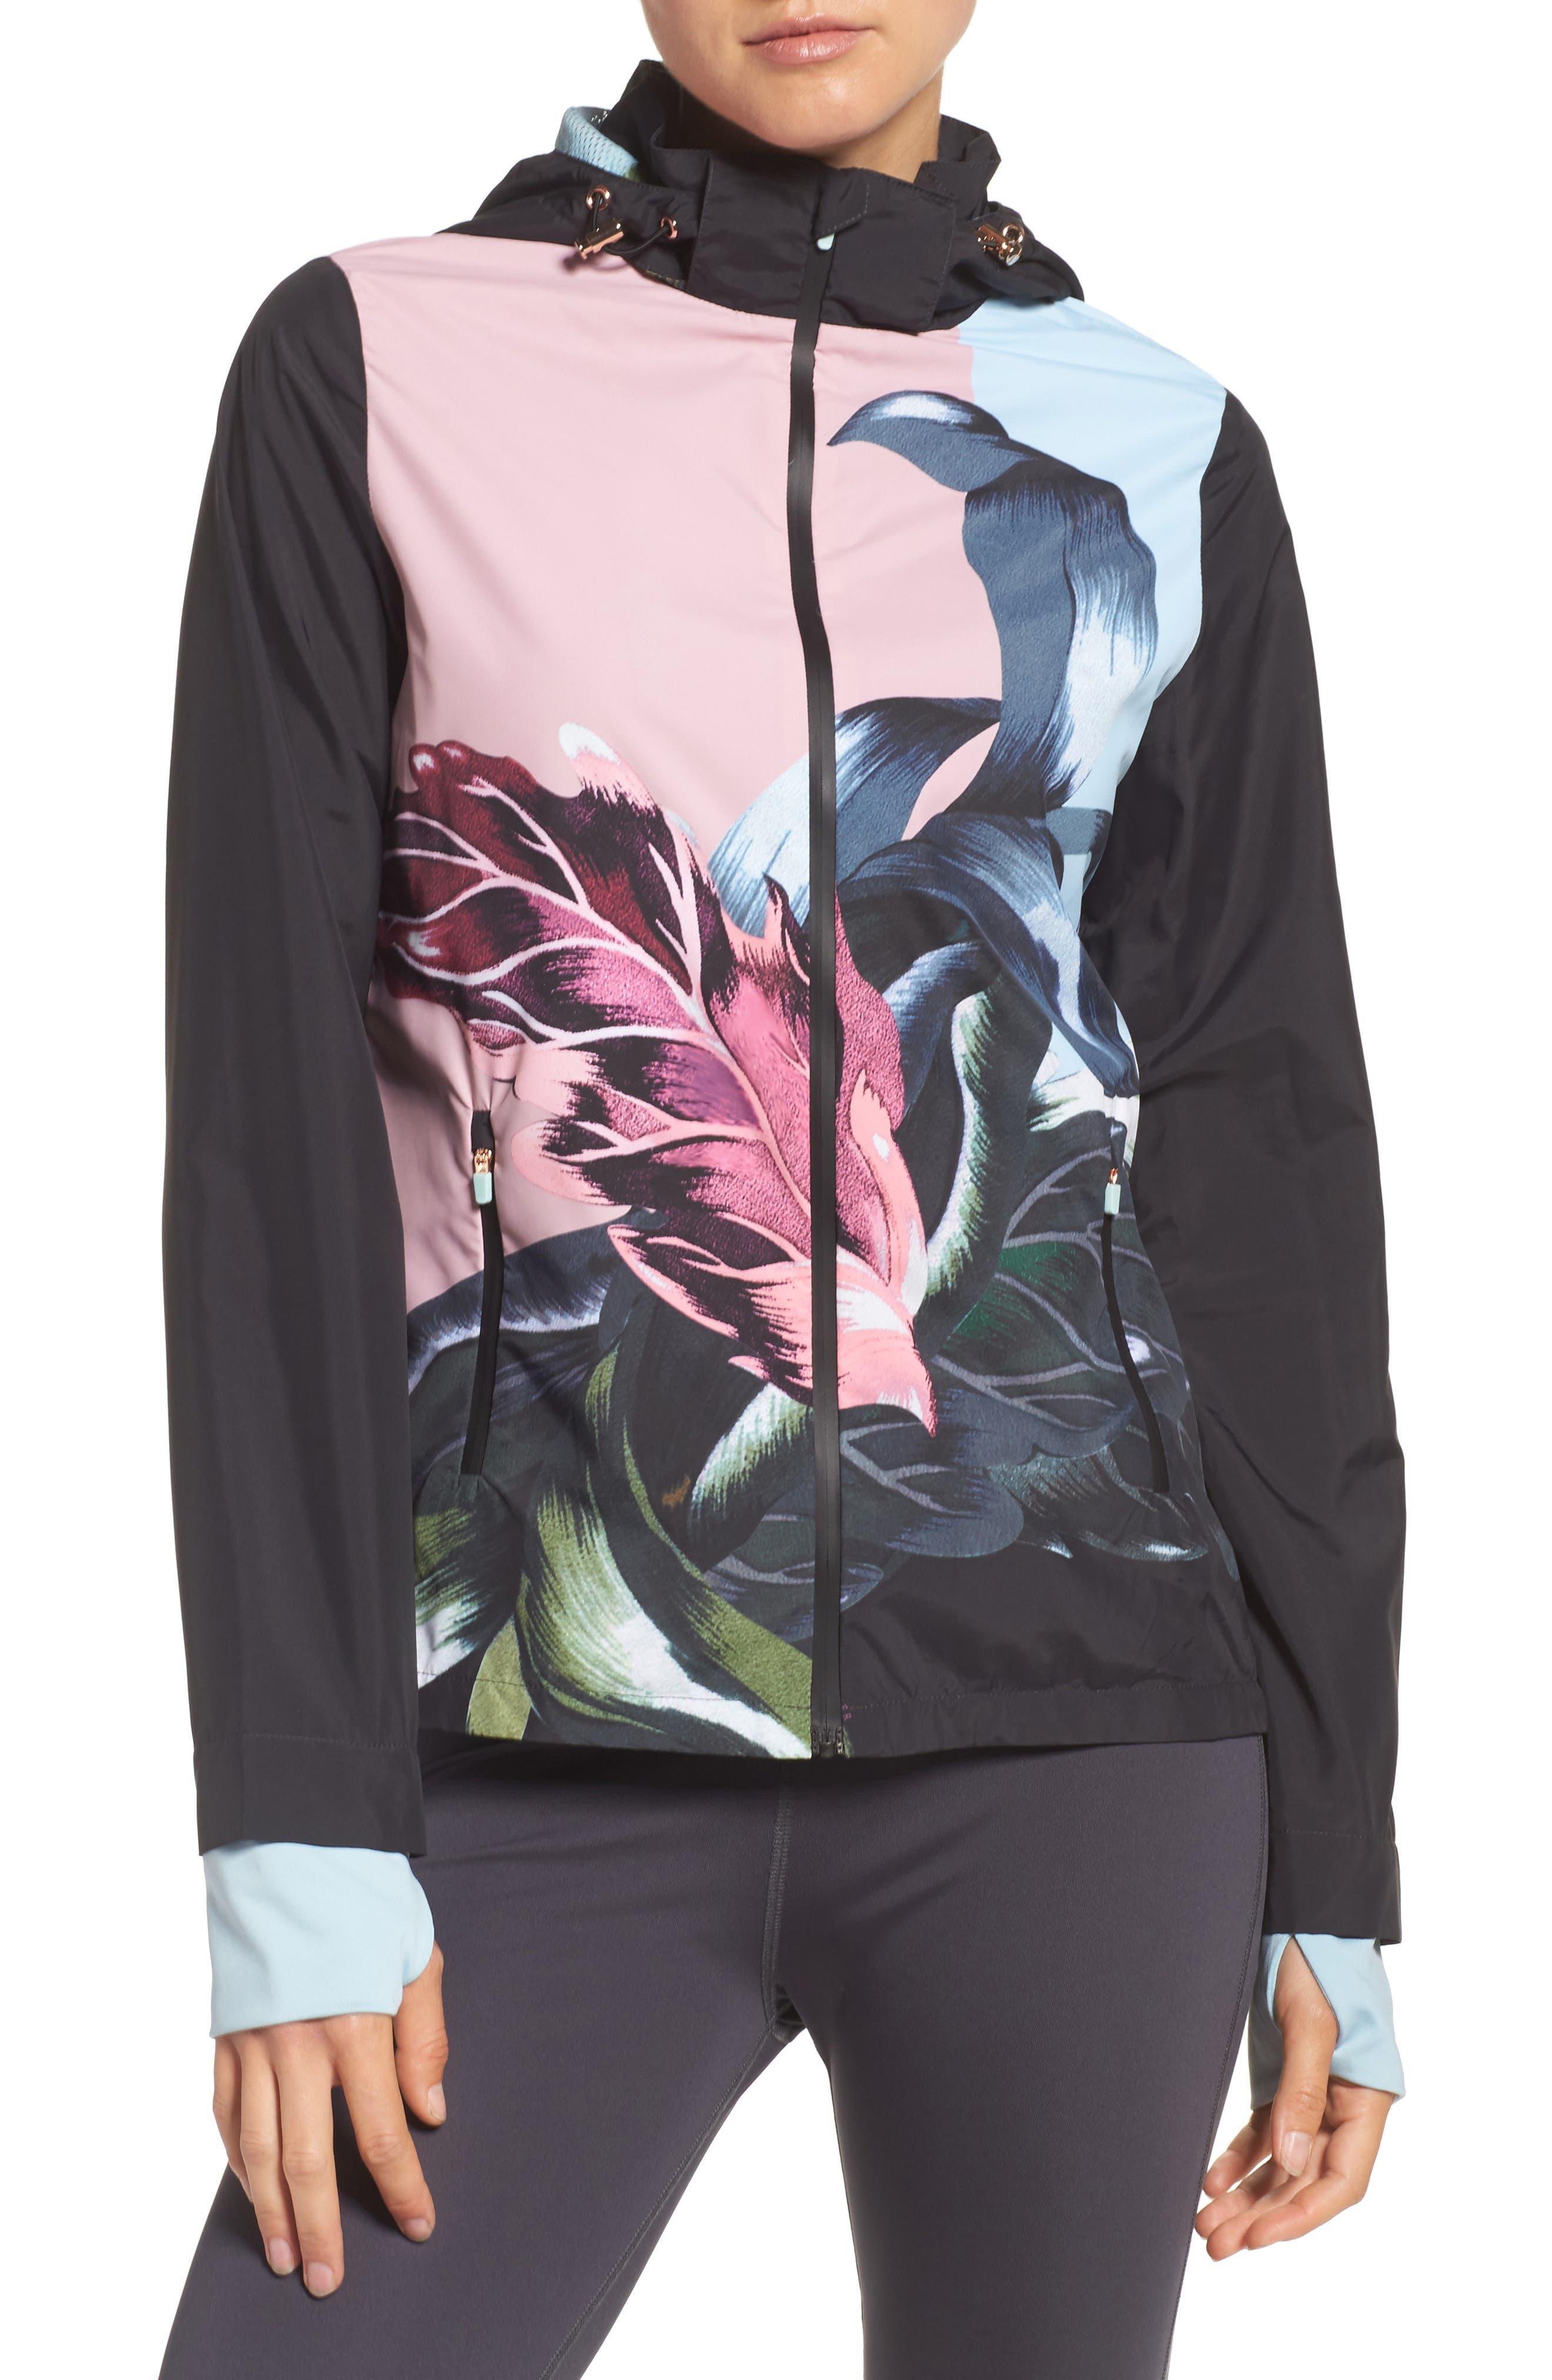 Ted Baker London Eden Floral Print Jacket